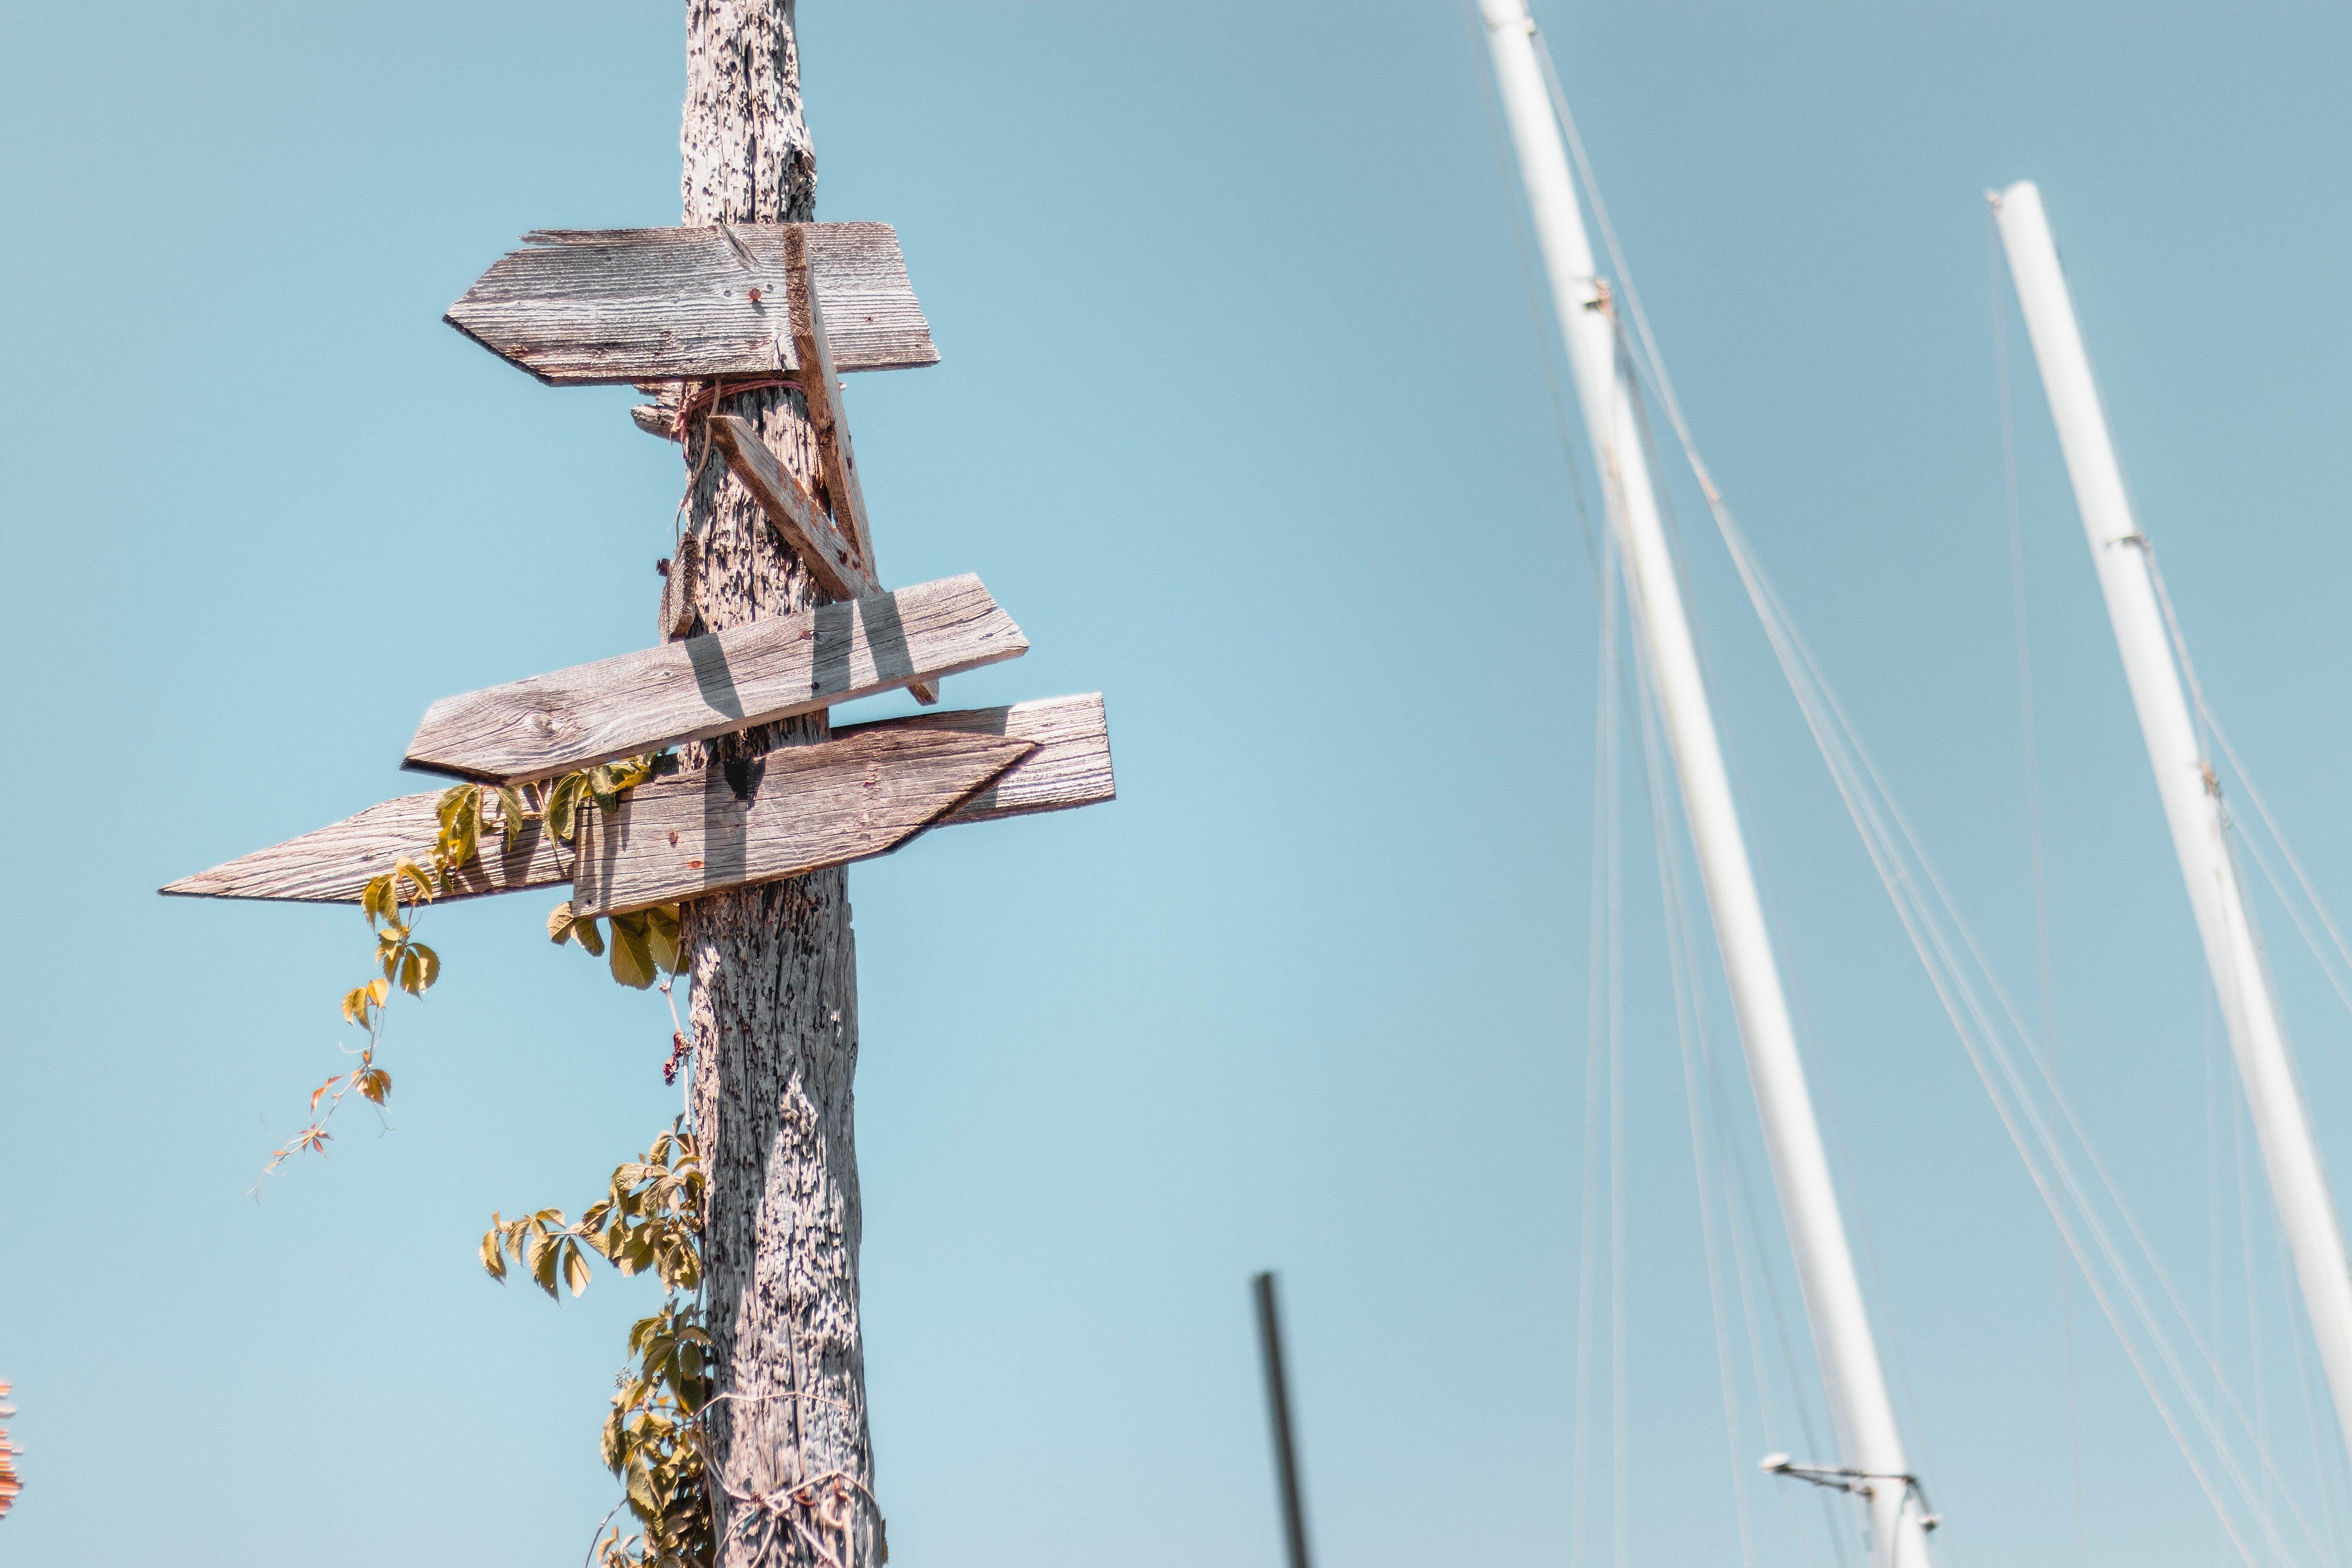 Ein hölzener Wegweiser mit mehreren Schilder, der an einem Baumstamm hängt.